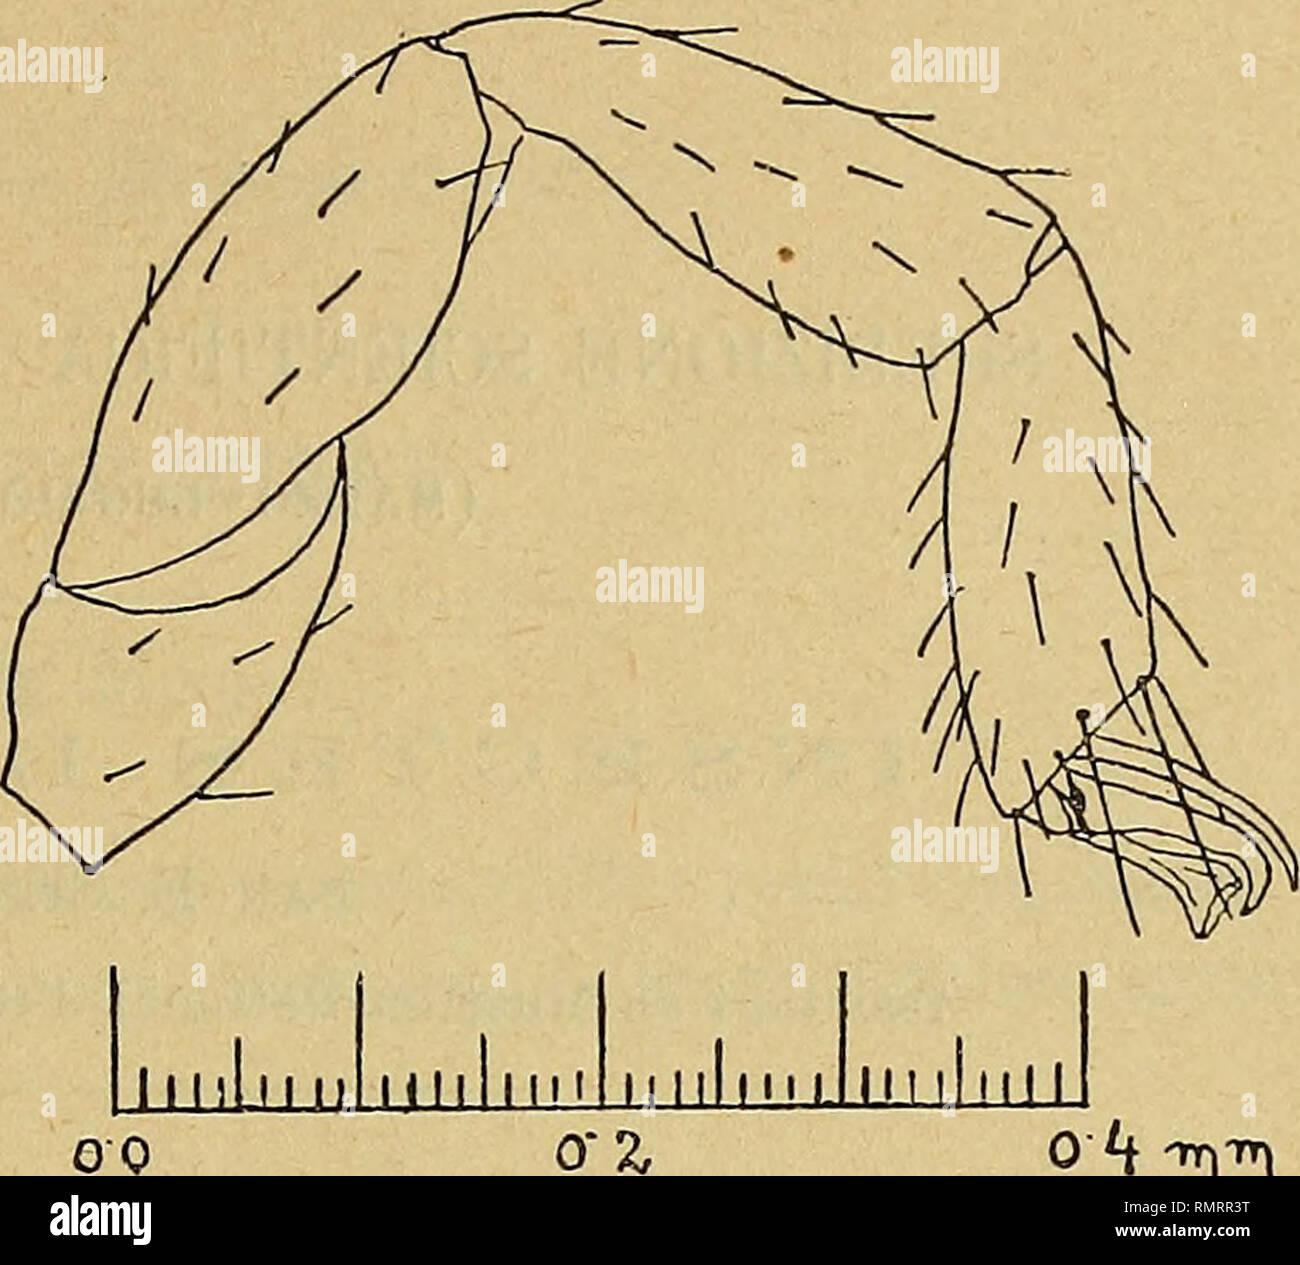 . Annali del Museo civico di storia naturale Giacomo Doria. Natural history. SPEDIZIONE A CUFRA 489 und distai in der Hòhe des Vordereckes am breitesten. Klauen asymmetrisch, ohne Nebenzahn. Subterminalborste gezàhnt. — Kòrper L. cf 2.0 mm., 9 2.3-2.5 mm., Palpen: cf Femur L. 0.65 mm., B. 0.20 mm.. Tibia L. 0.55 mm., B. 0.23 mm., Hand L. 0.62 mm., B. 0.32 mm., Finger L, 0.45mm.; 9 Fe- mur L. 0.67 mm., B. 0.21 mm., Tibia L. 0.58 mm., B. 0.25 mm.. Hand L. 0.65 mm., B. 0.34mm., Finger L. 0.48 mm. Typen: 1 cT, 2 9 9, 3 juv.. Oasi di Gialo, Juli 1931 (das Mfinnchen wohl vollstàndig erwachsen, jedoc - Stock Image